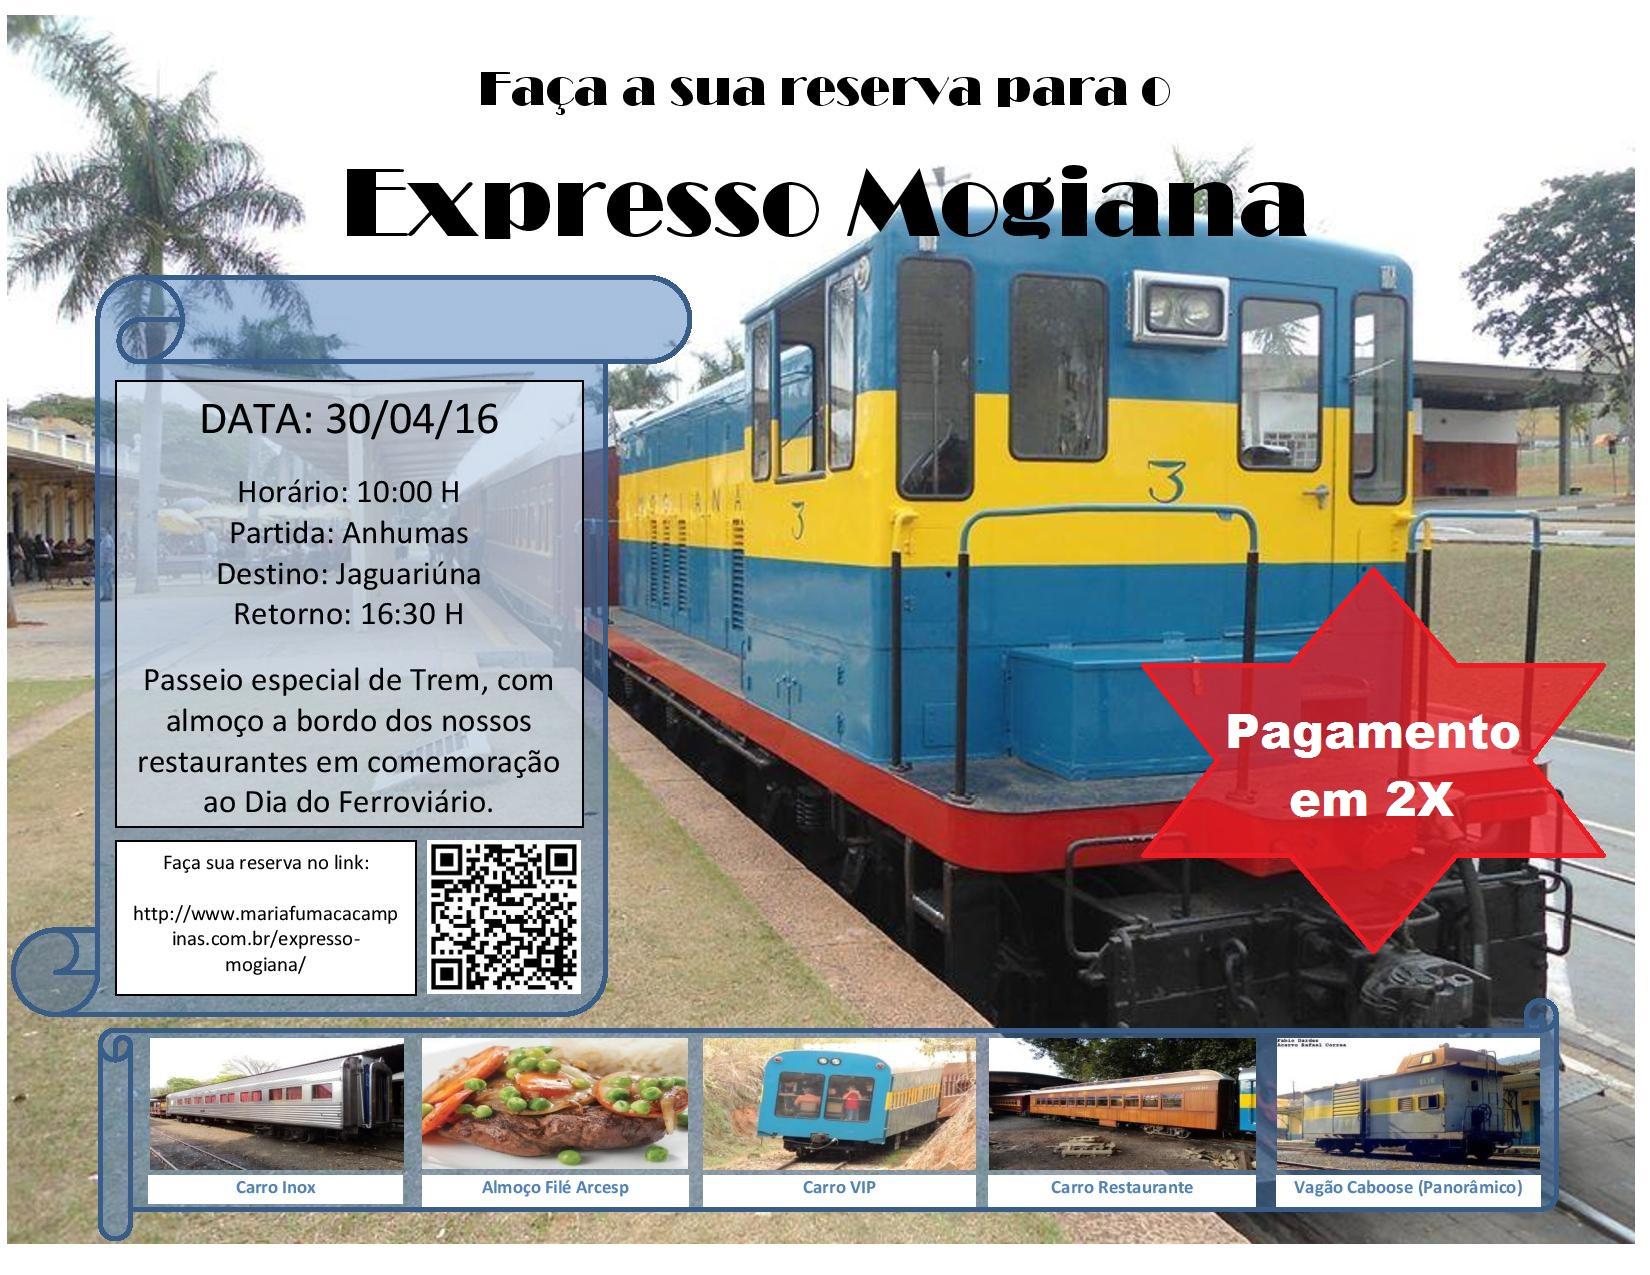 Compre já seu ingresso para o Expresso Mogiana